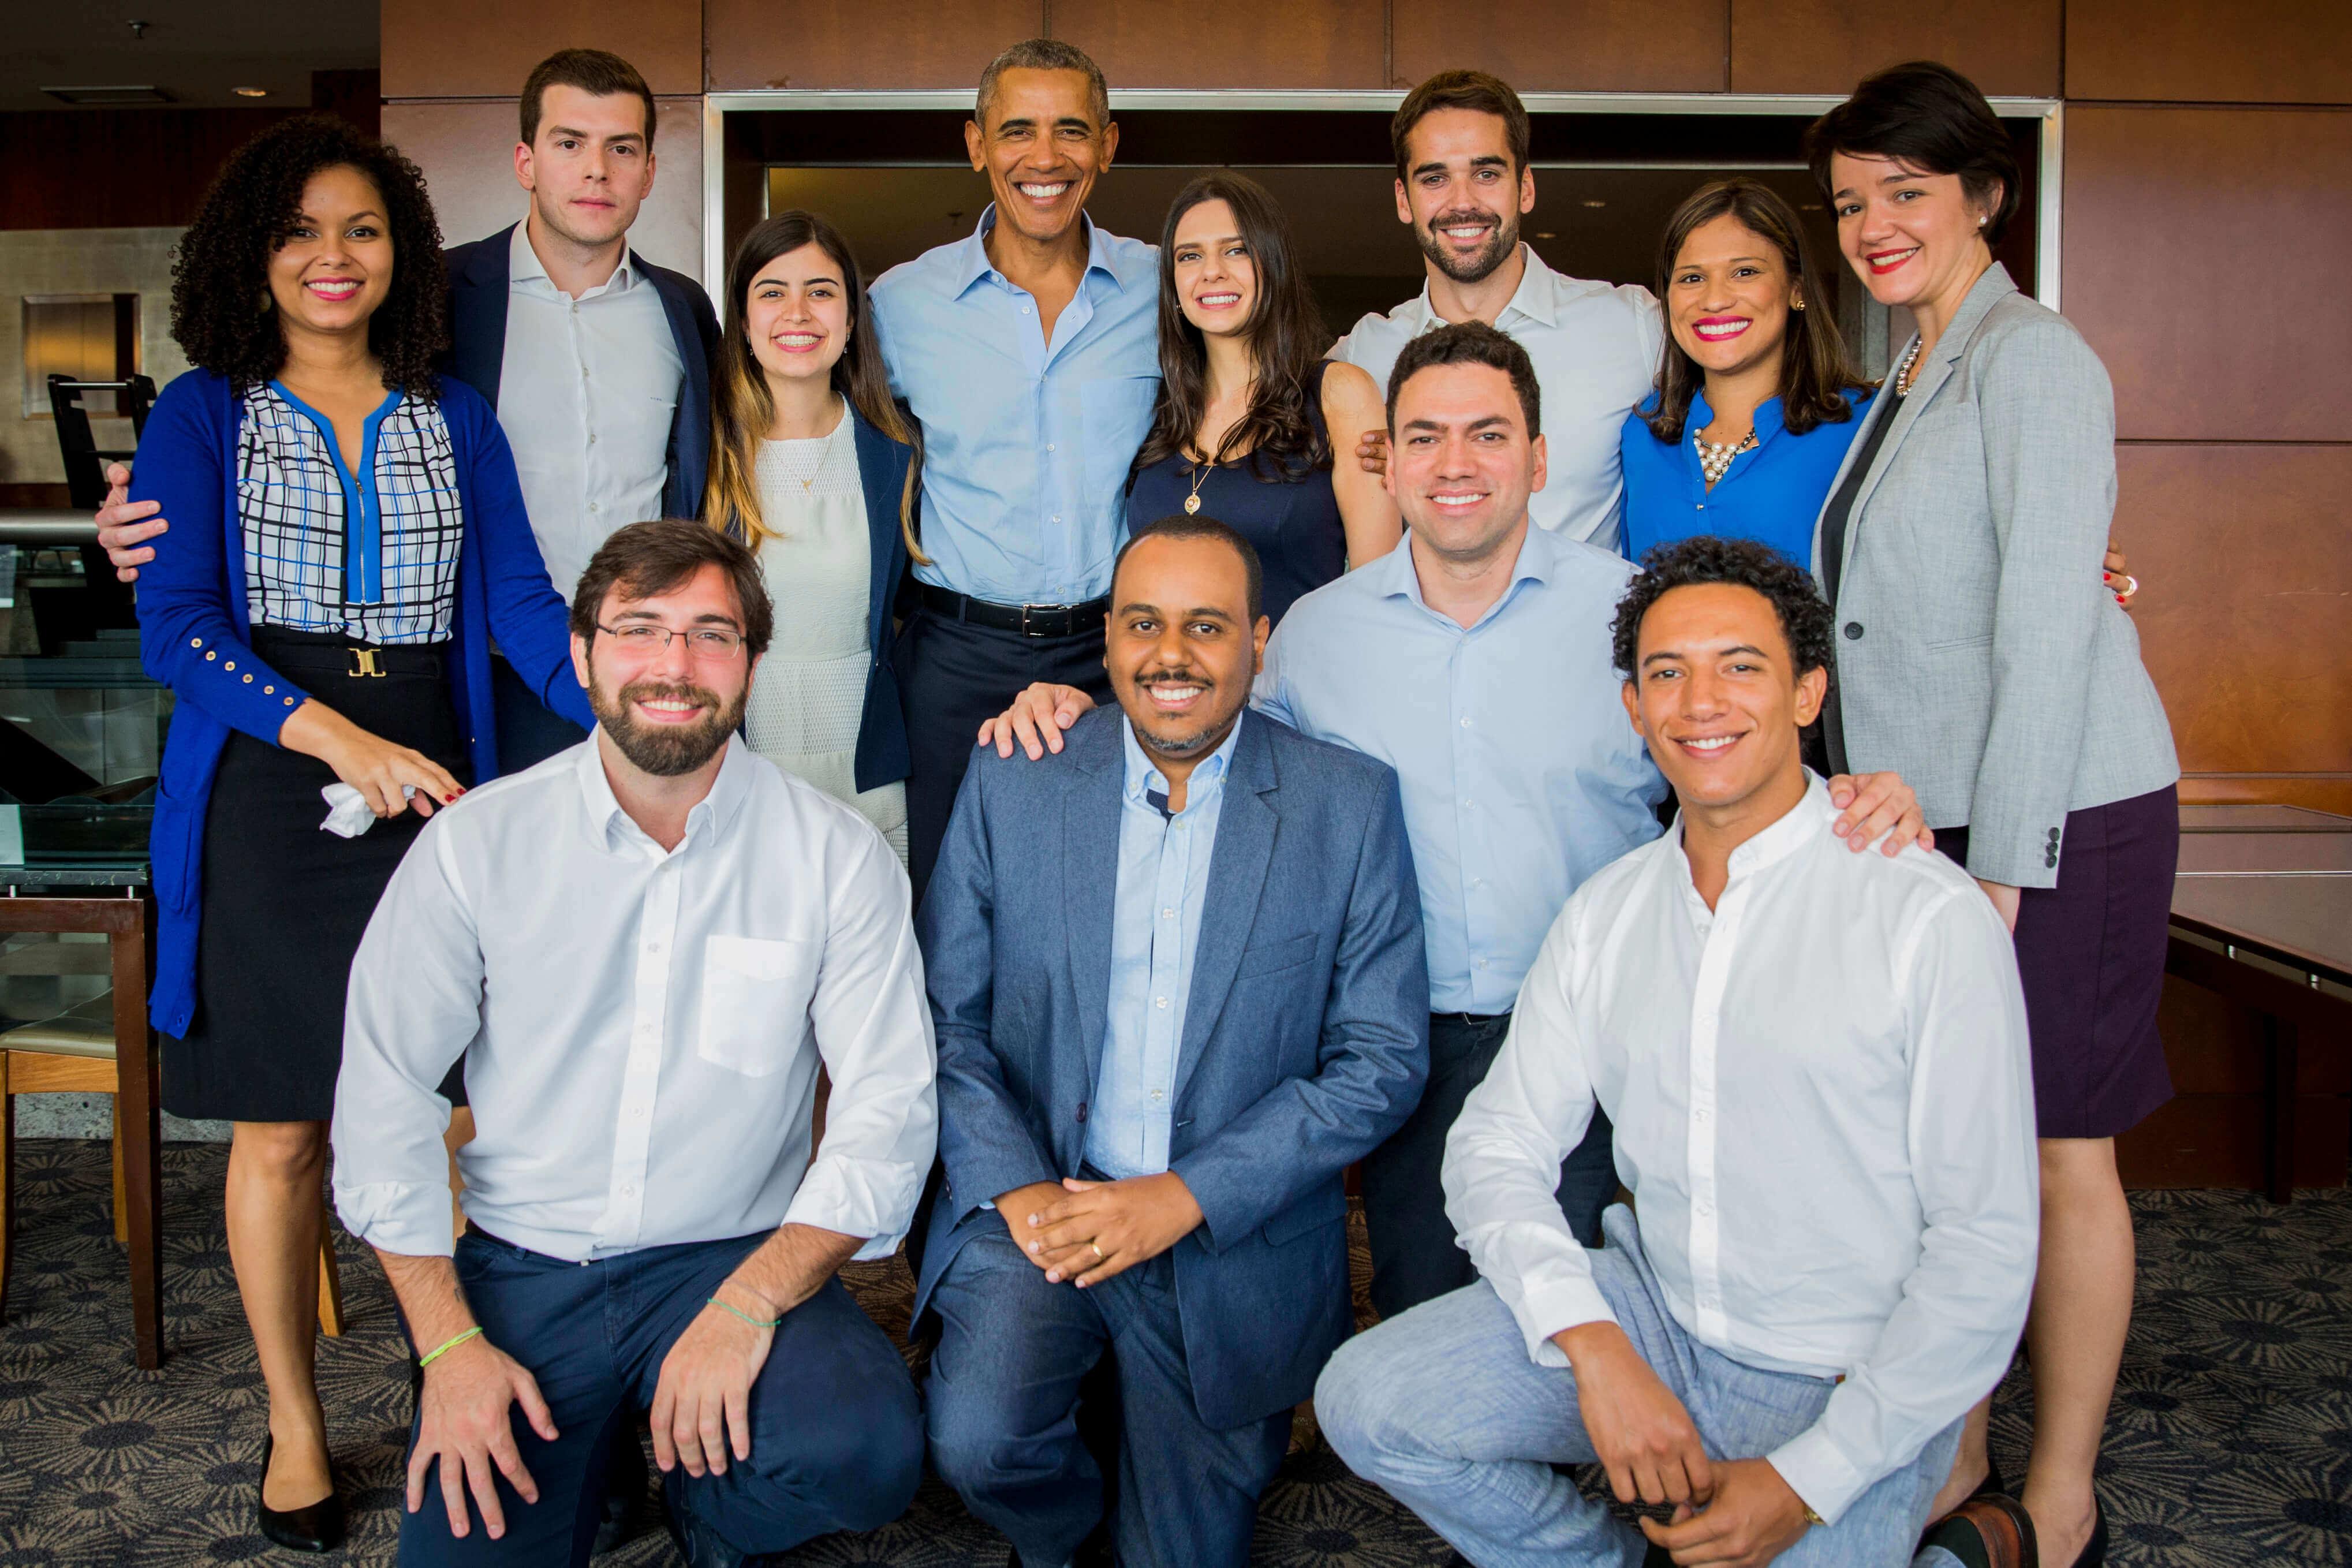 Deborah e outros Lemann Fellows conhecem Barack Obama durante visita do ex-presidente americano ao Brasil